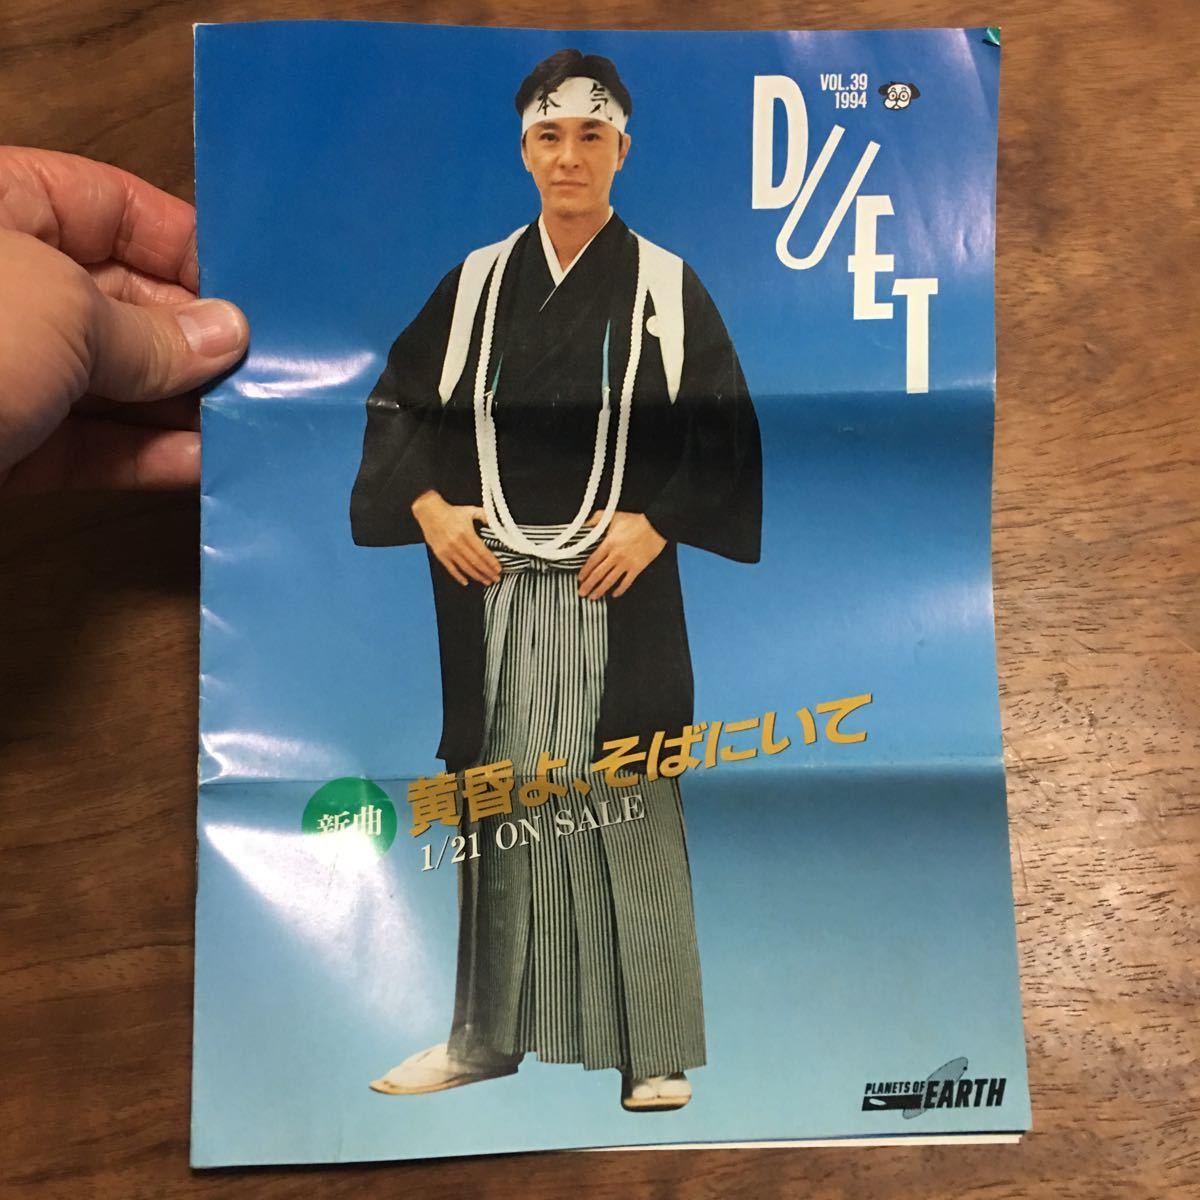 西城秀樹 ファンクラブ会報誌 DUET 1994 vol 39